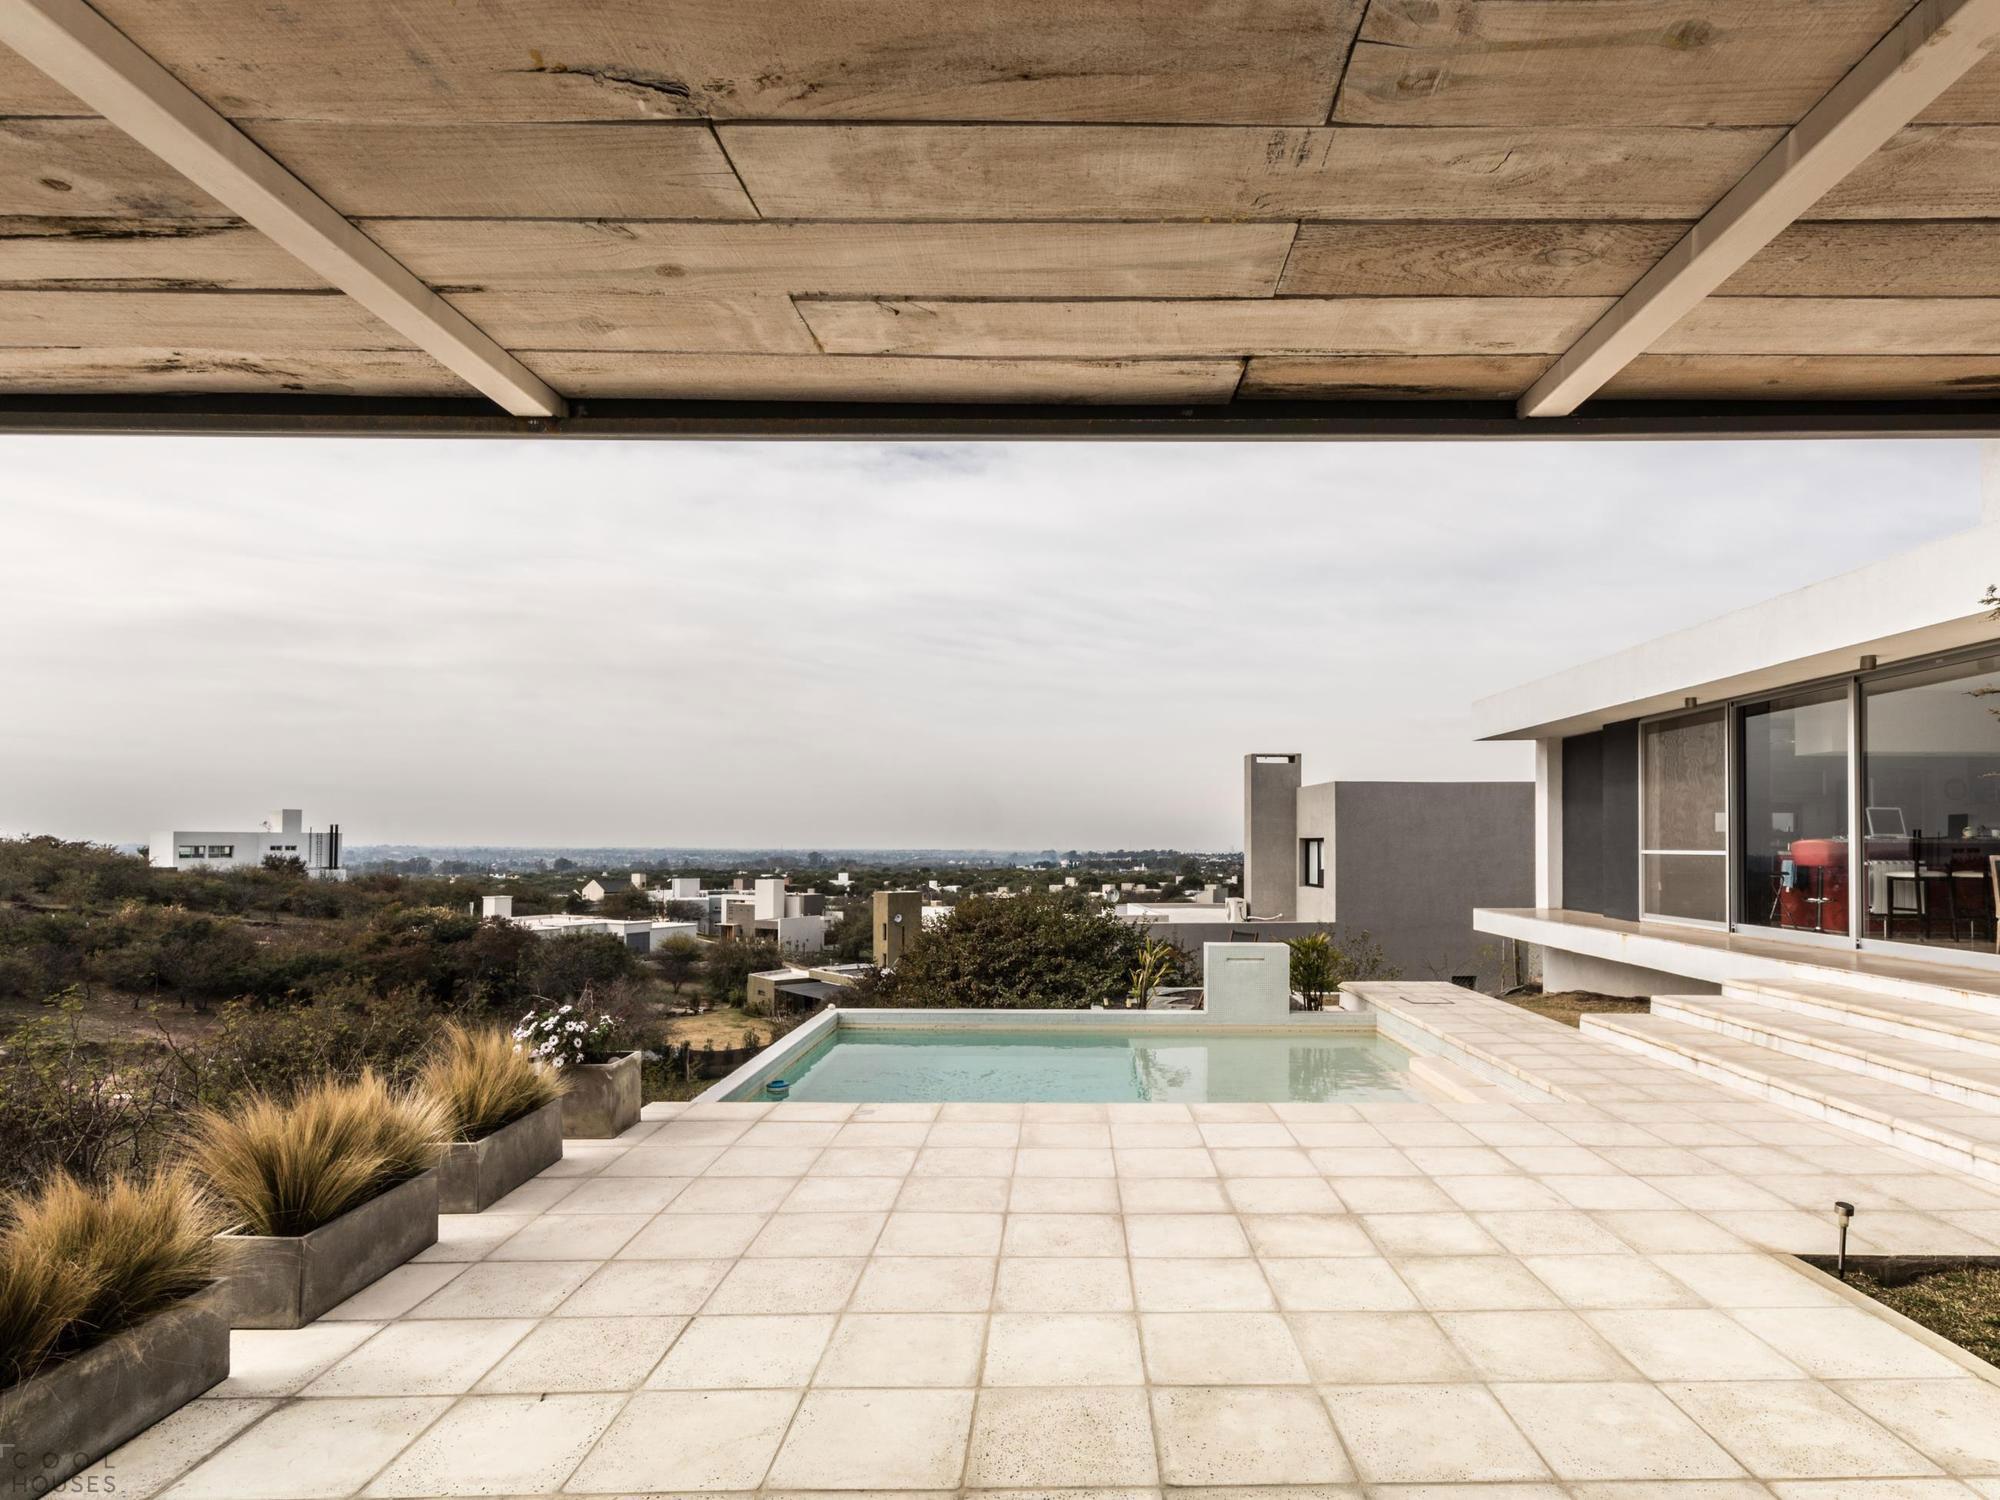 Загородный дом в стиле модерн в Аргентине